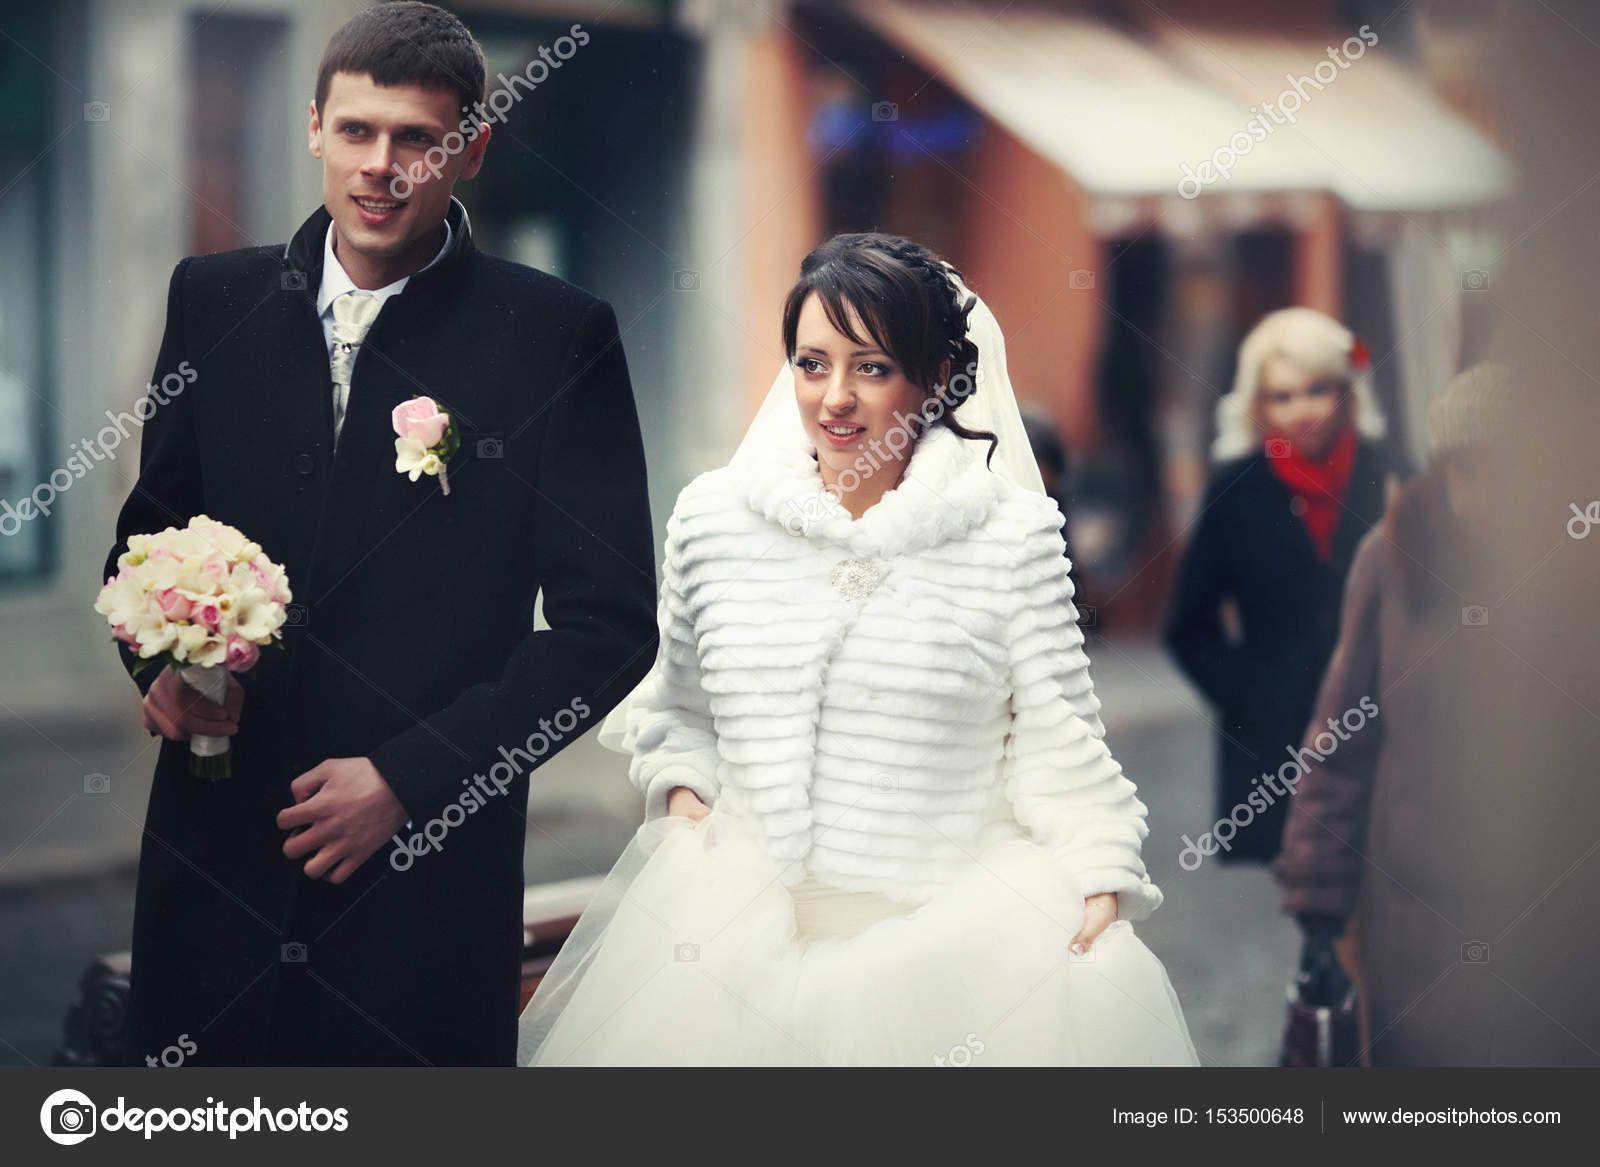 d5f835fb3a51 Sposa e sposo in cappotti di inverno a piedi lungo l antica via — Foto